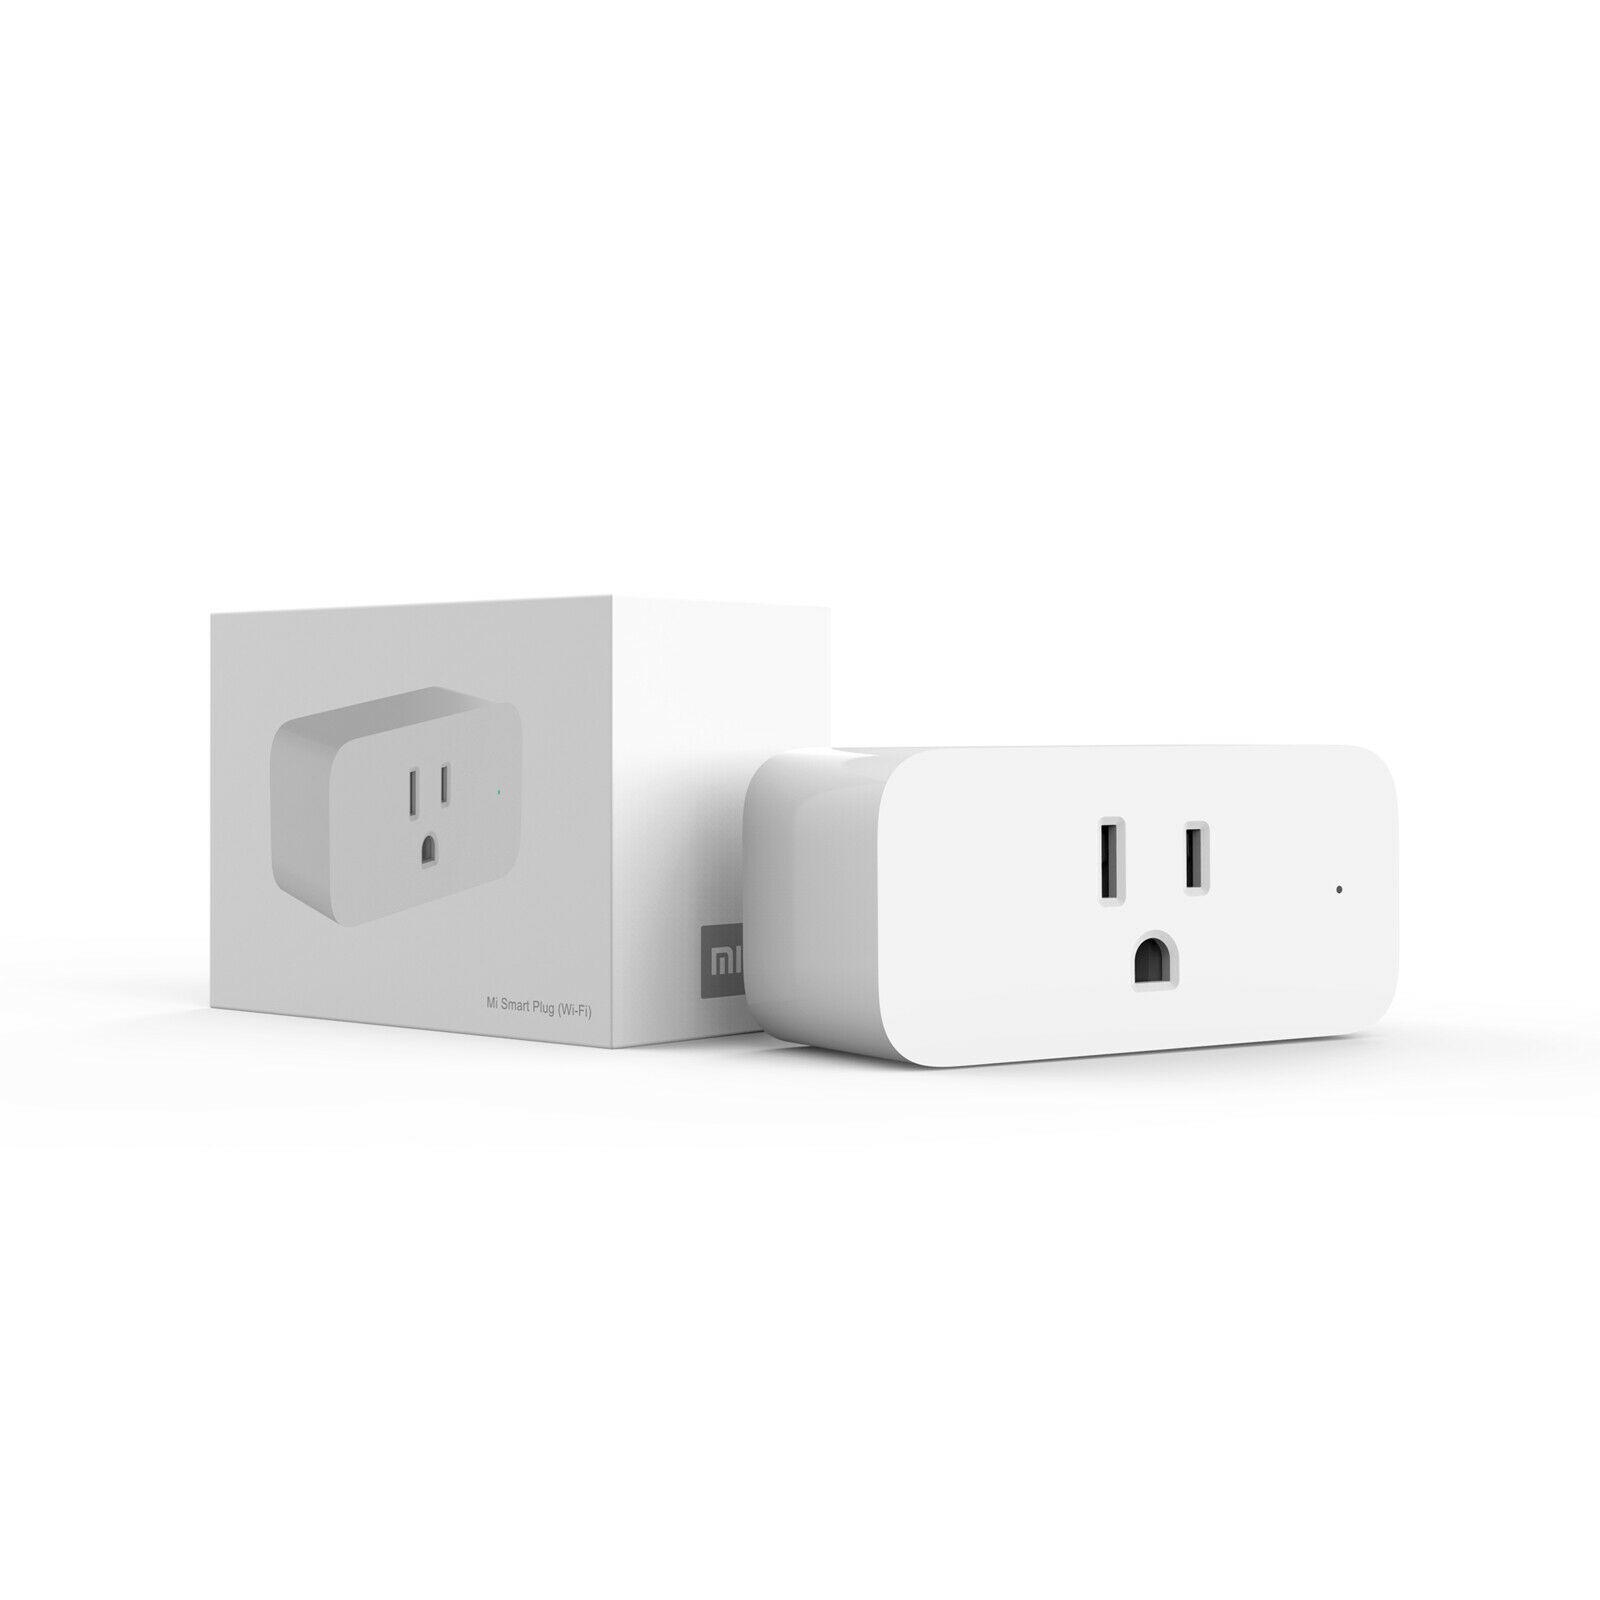 قابس Mi Smart Plug الذكي -شاومي